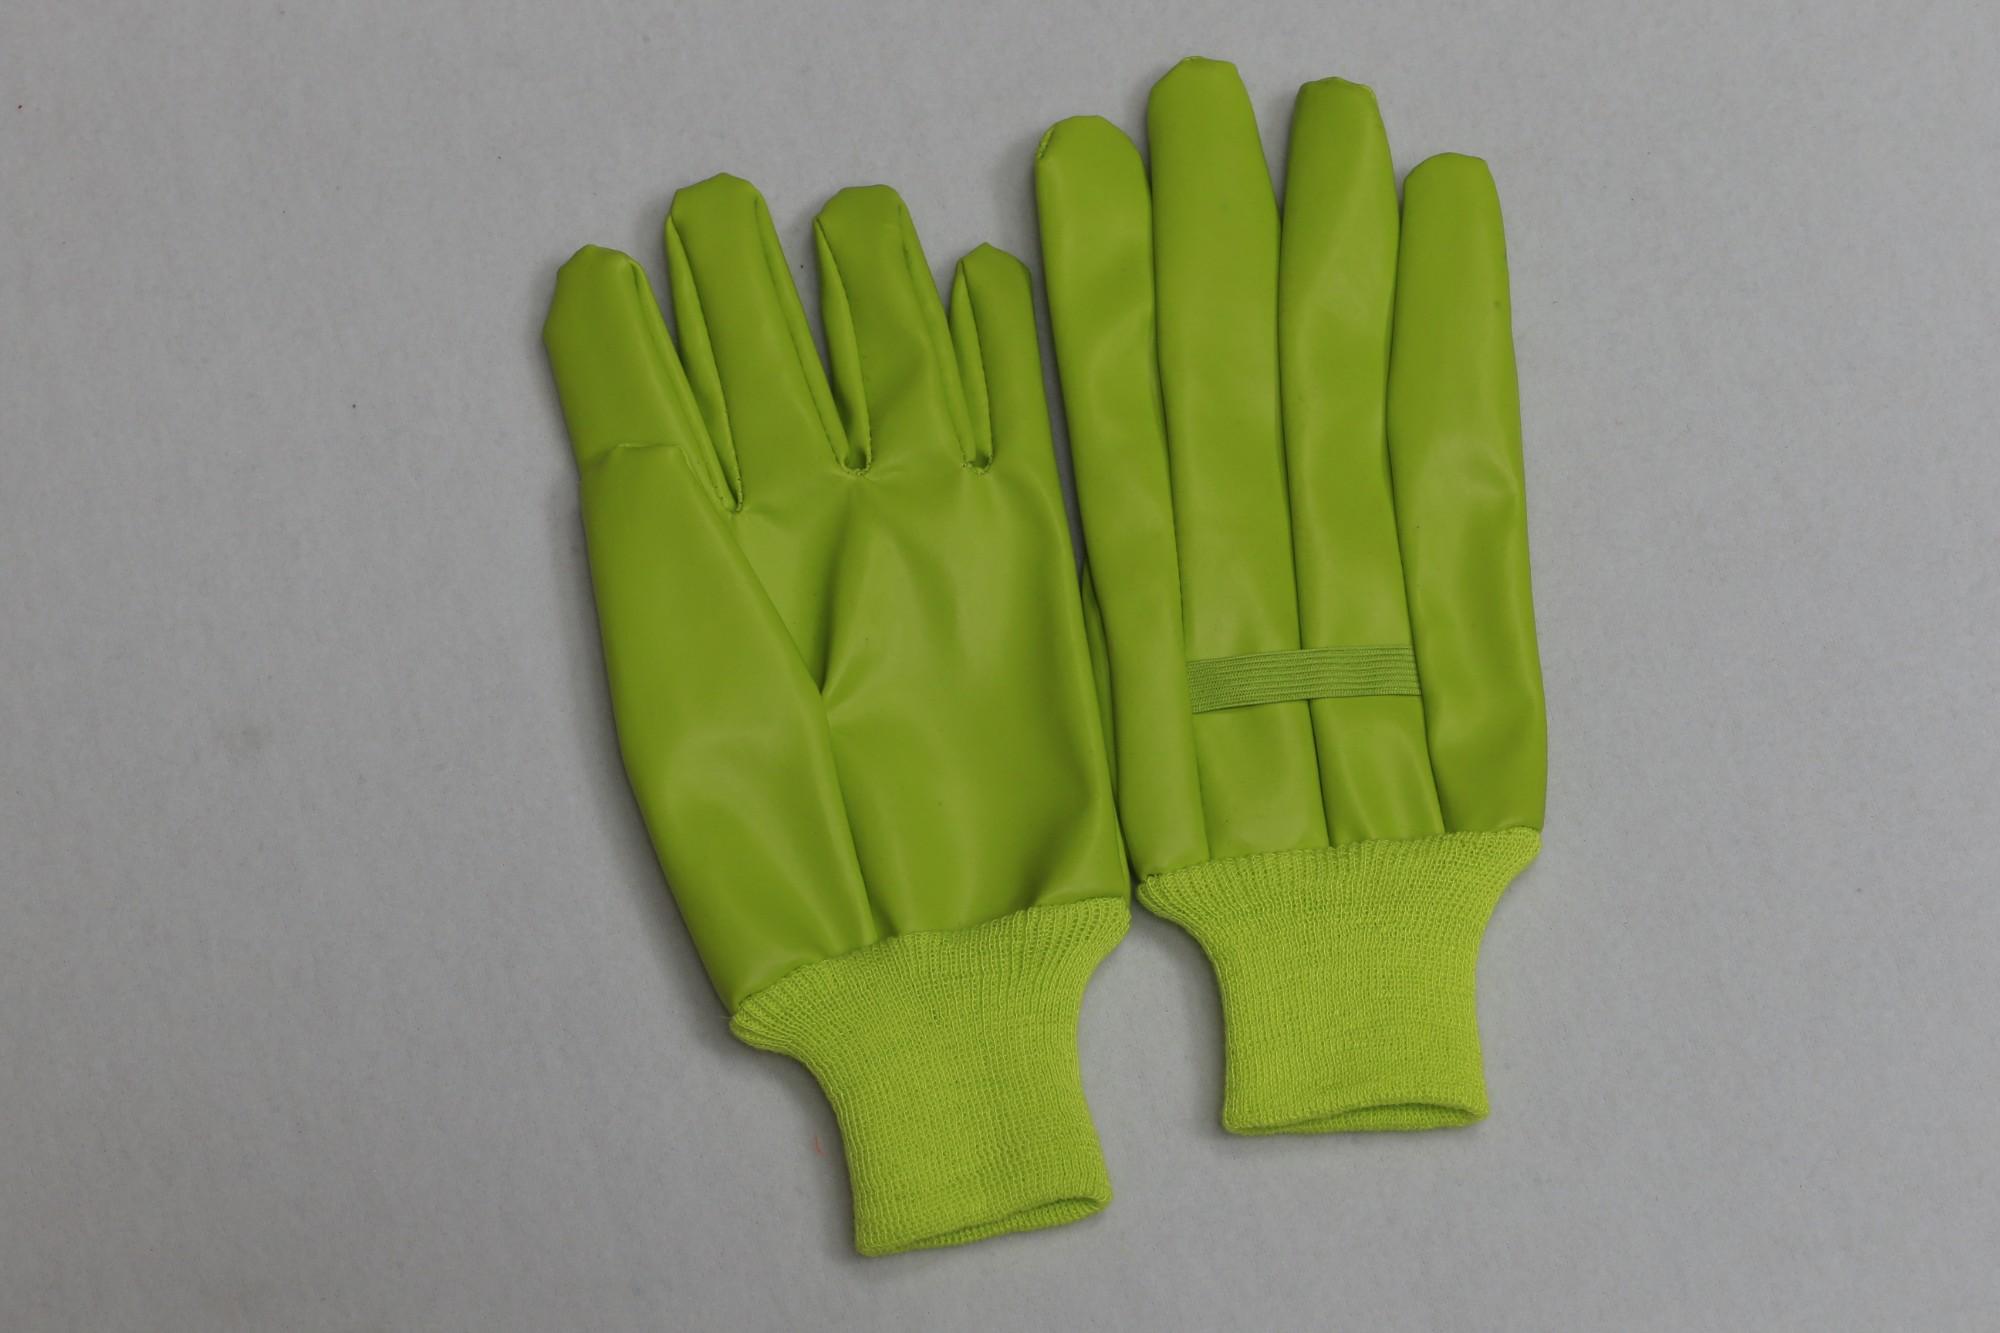 Koop PVC groene handschoenen. PVC groene handschoenen Prijzen. PVC groene handschoenen Brands. PVC groene handschoenen Fabrikant. PVC groene handschoenen Quotes. PVC groene handschoenen Company.